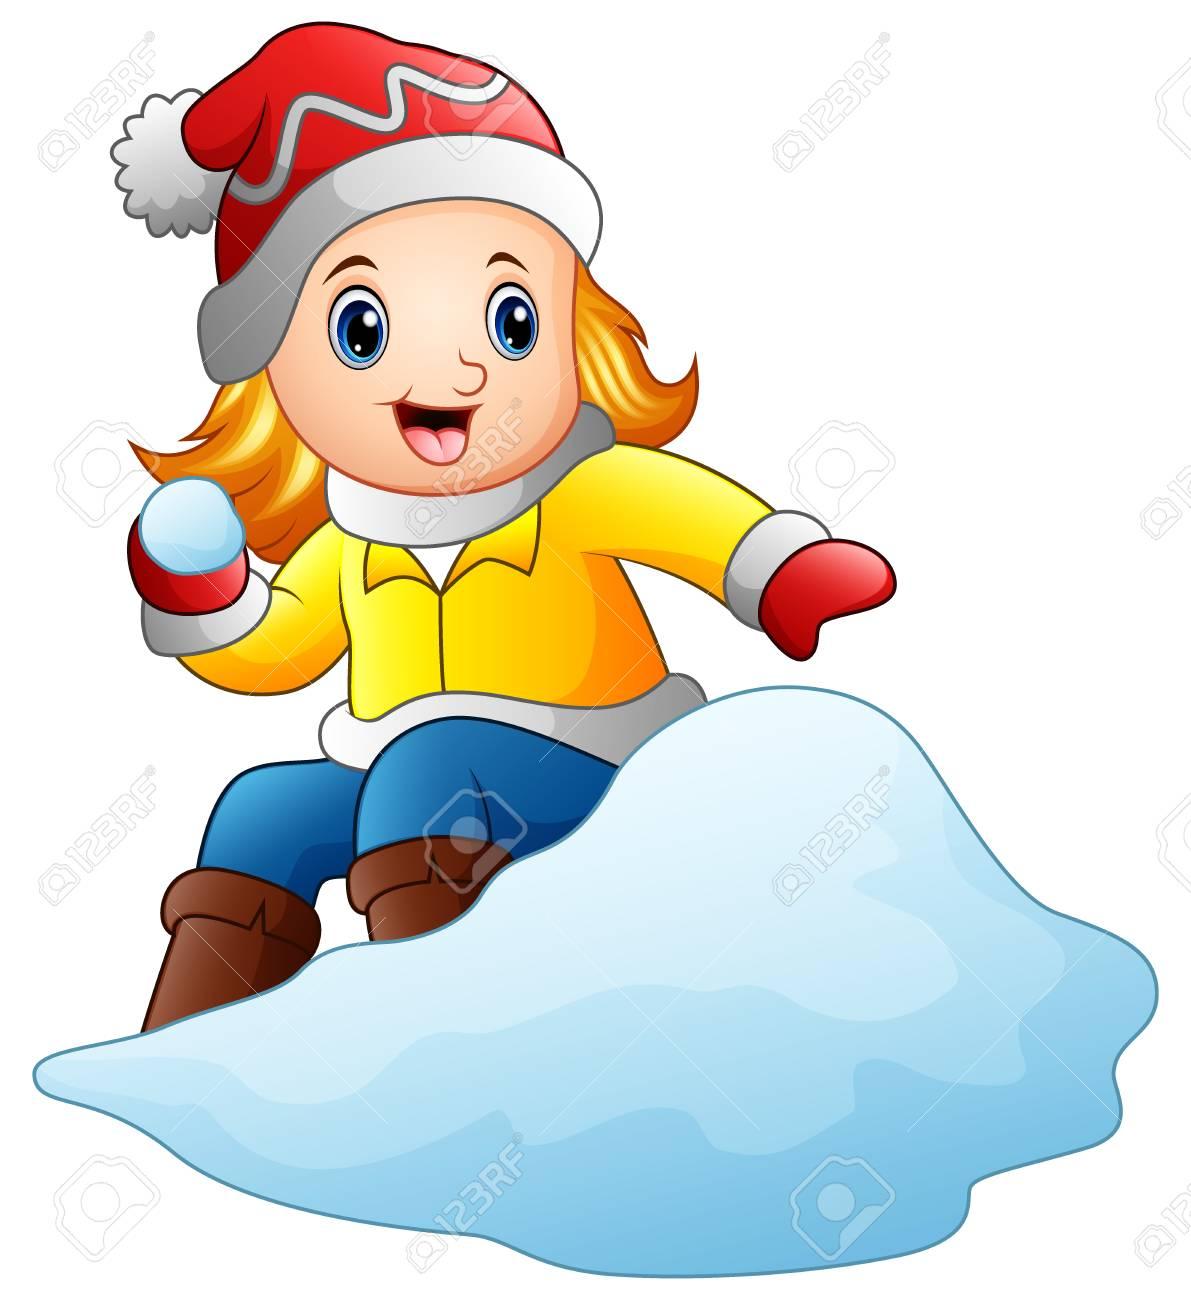 Illustration Vectorielle De Fille De Dessin Animé Jouant Au Snowboard Avec Une Neige